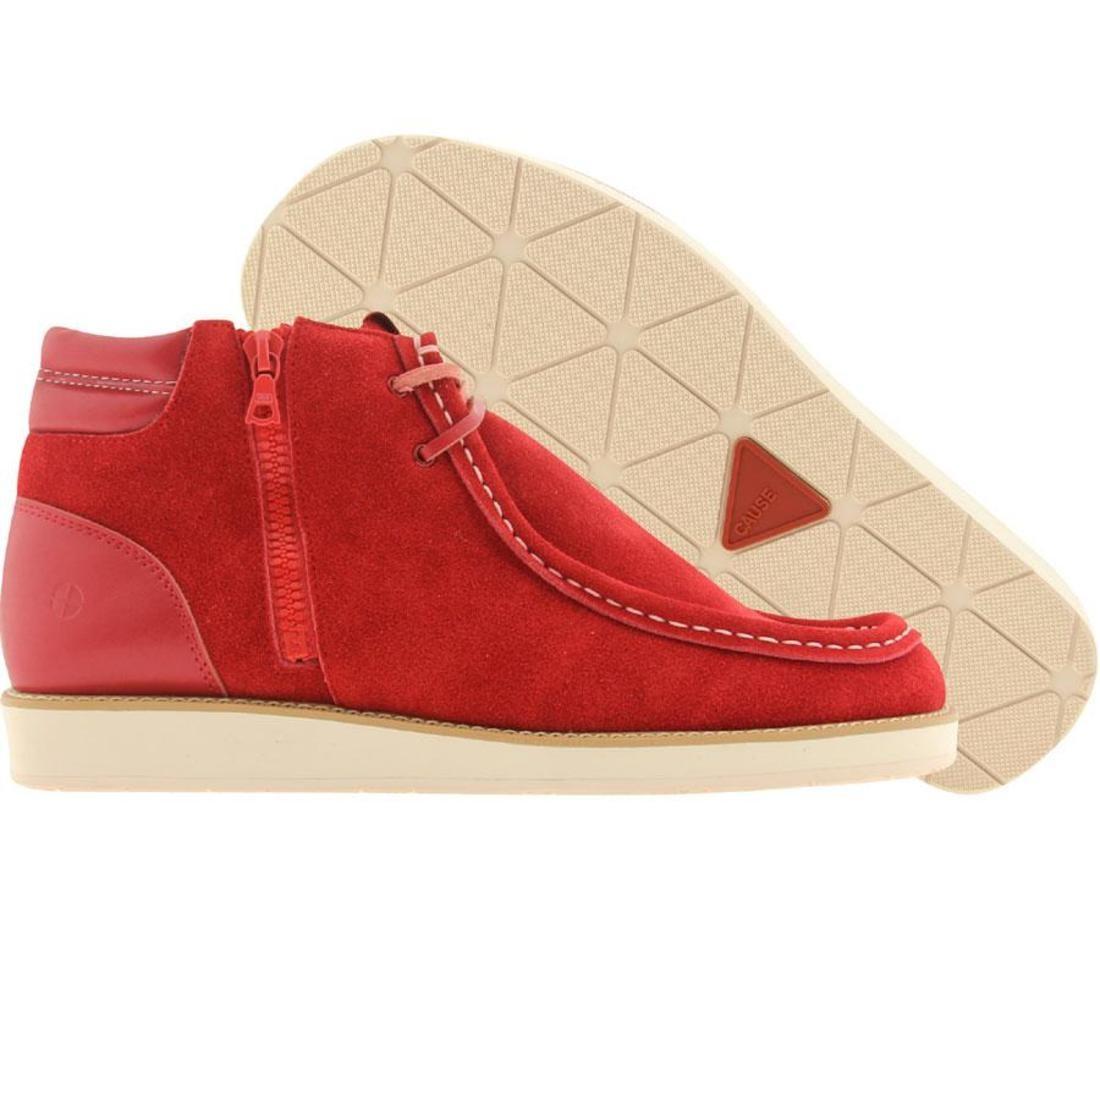 【海外限定】メンズ靴 スニーカー 【 CAUSE SIDE ZIP WALLABY RED 】